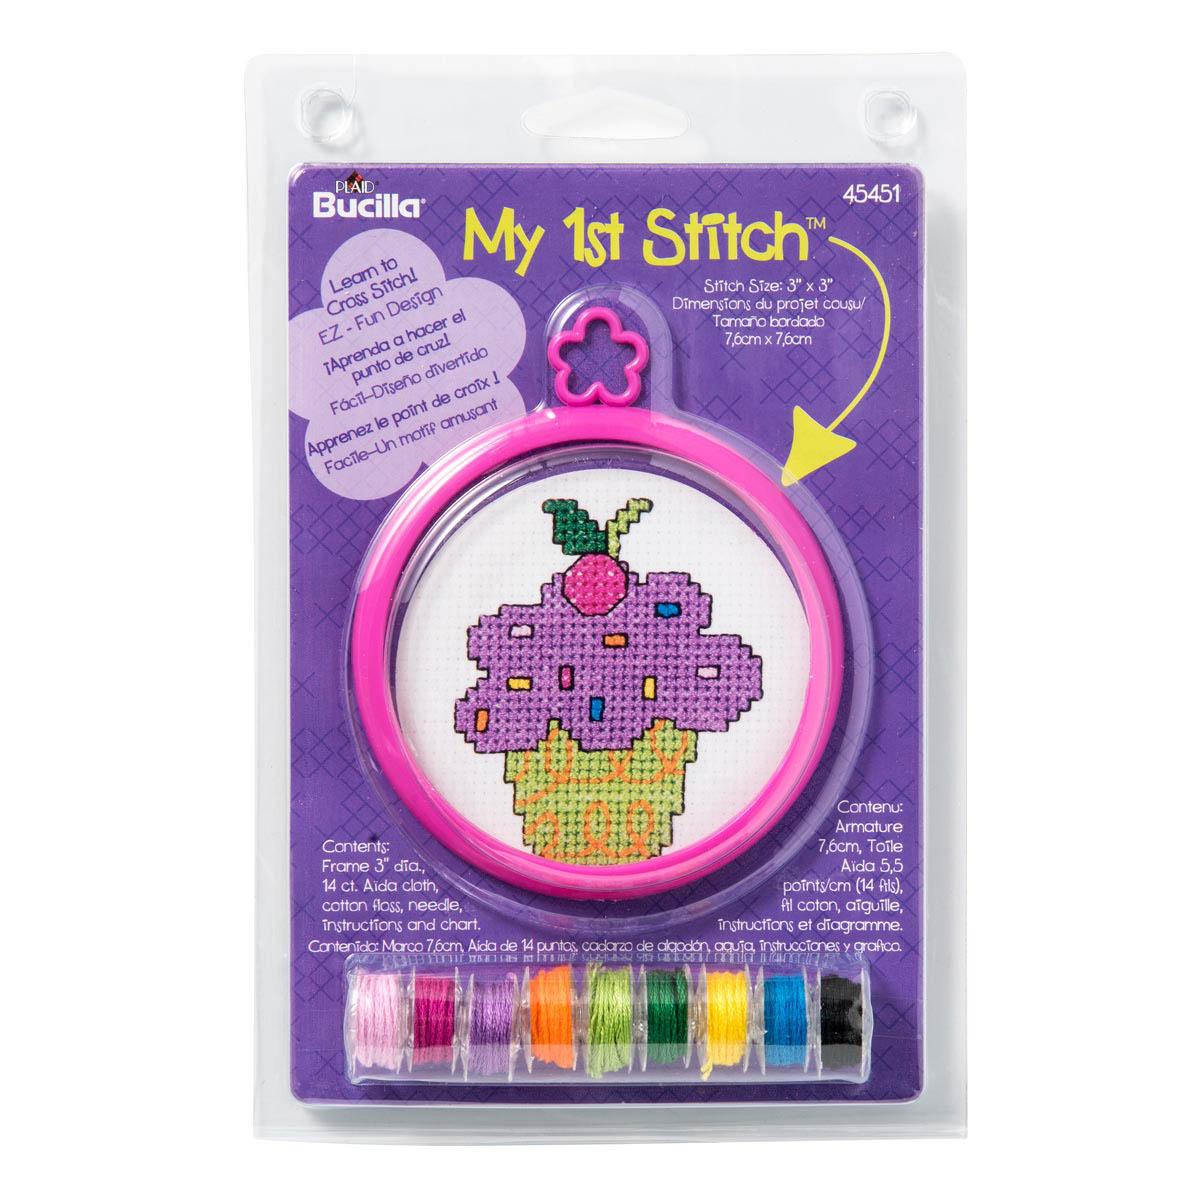 Bucilla ® My 1st Stitch™ - Counted Cross Stitch Kits - Mini - Cupcake - 45451